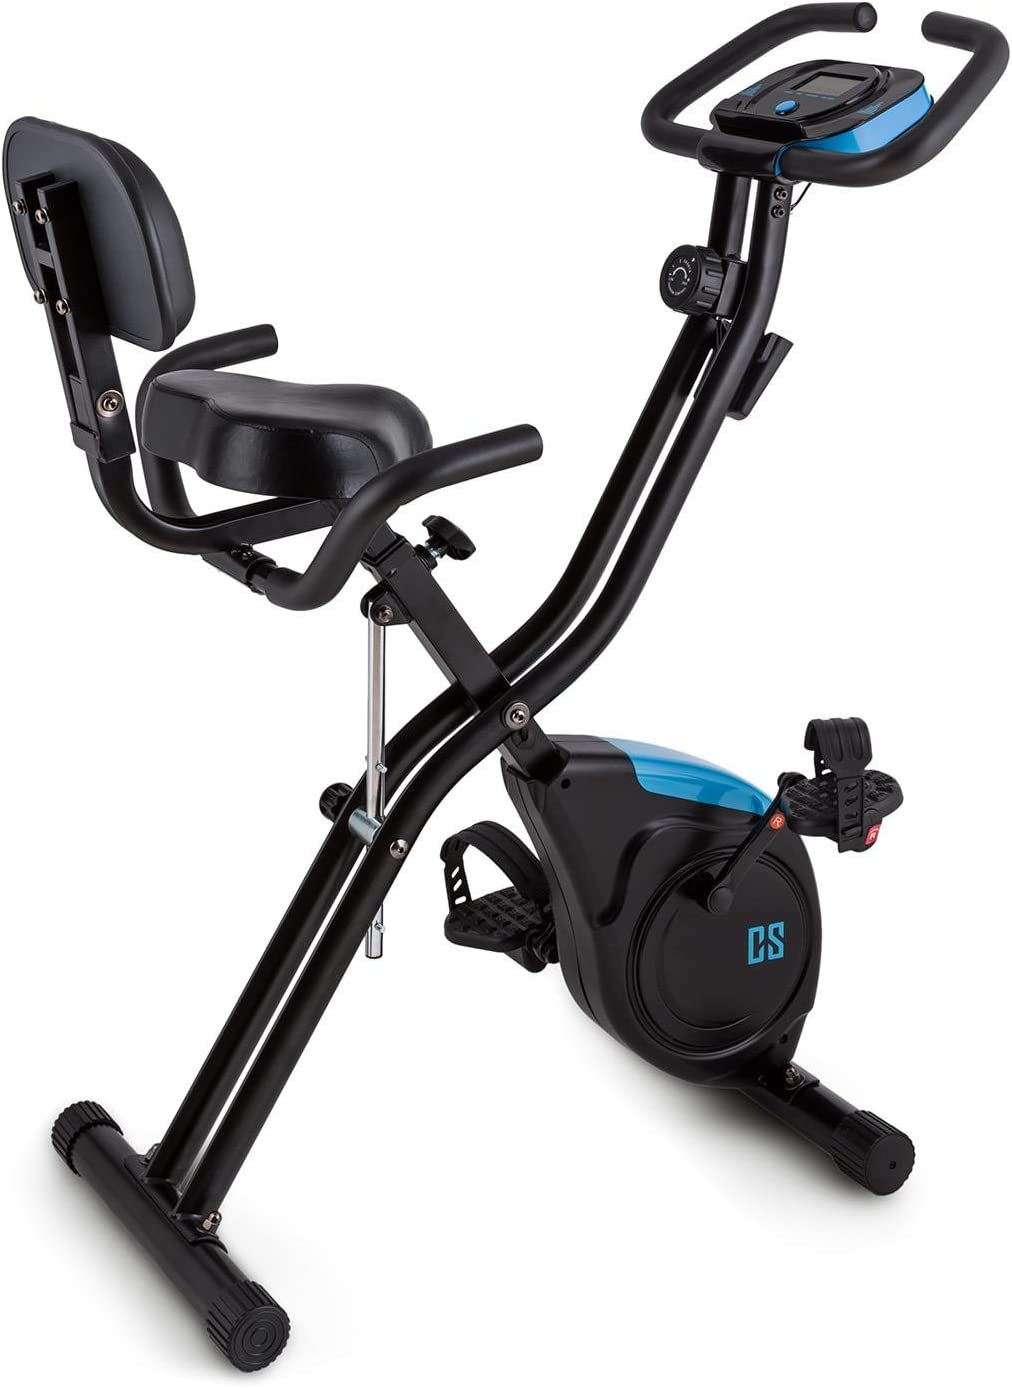 Capital Sports Azura 2 Bicicleta estática Plegable (3 kg de Masa oscilante, sillín Extra Ancho, 8 Niveles de Resistencia, Monitor de Entrenamiento) - Negro: Amazon.es: Deportes y aire libre